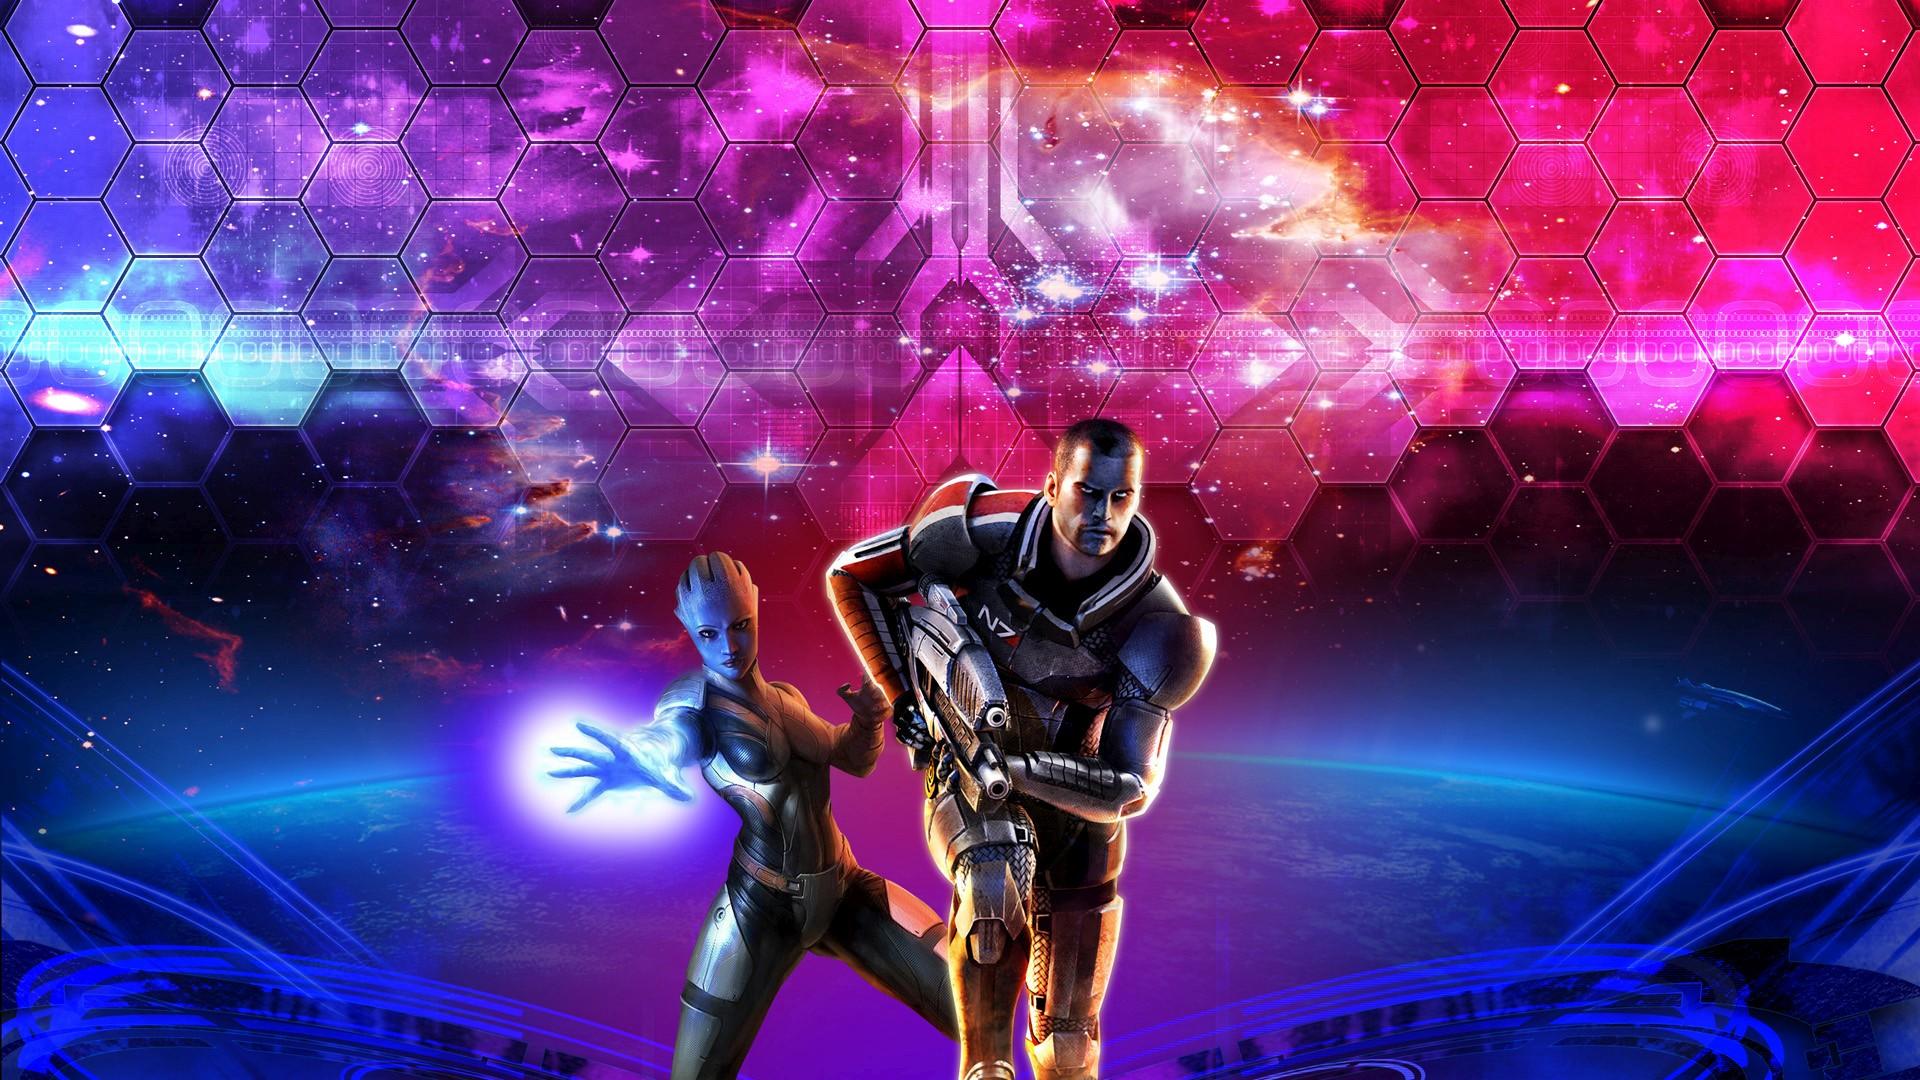 Mass Effect Wallpaper Picture hd